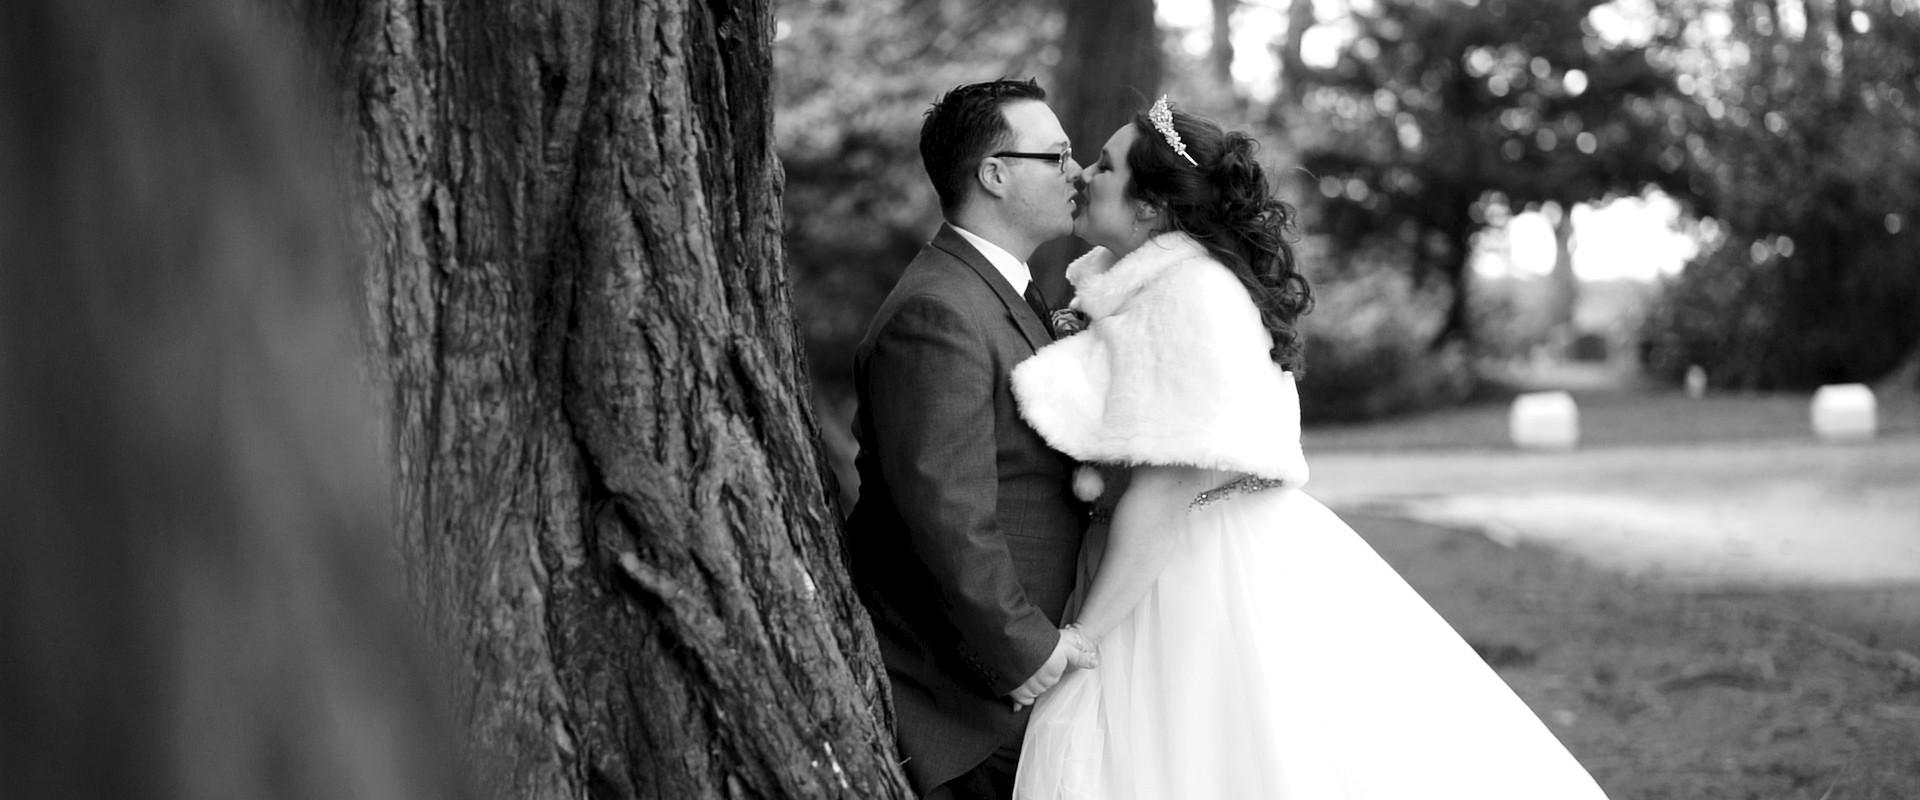 Wedding-ShortFilm-BW.00_06_38_09.Still05